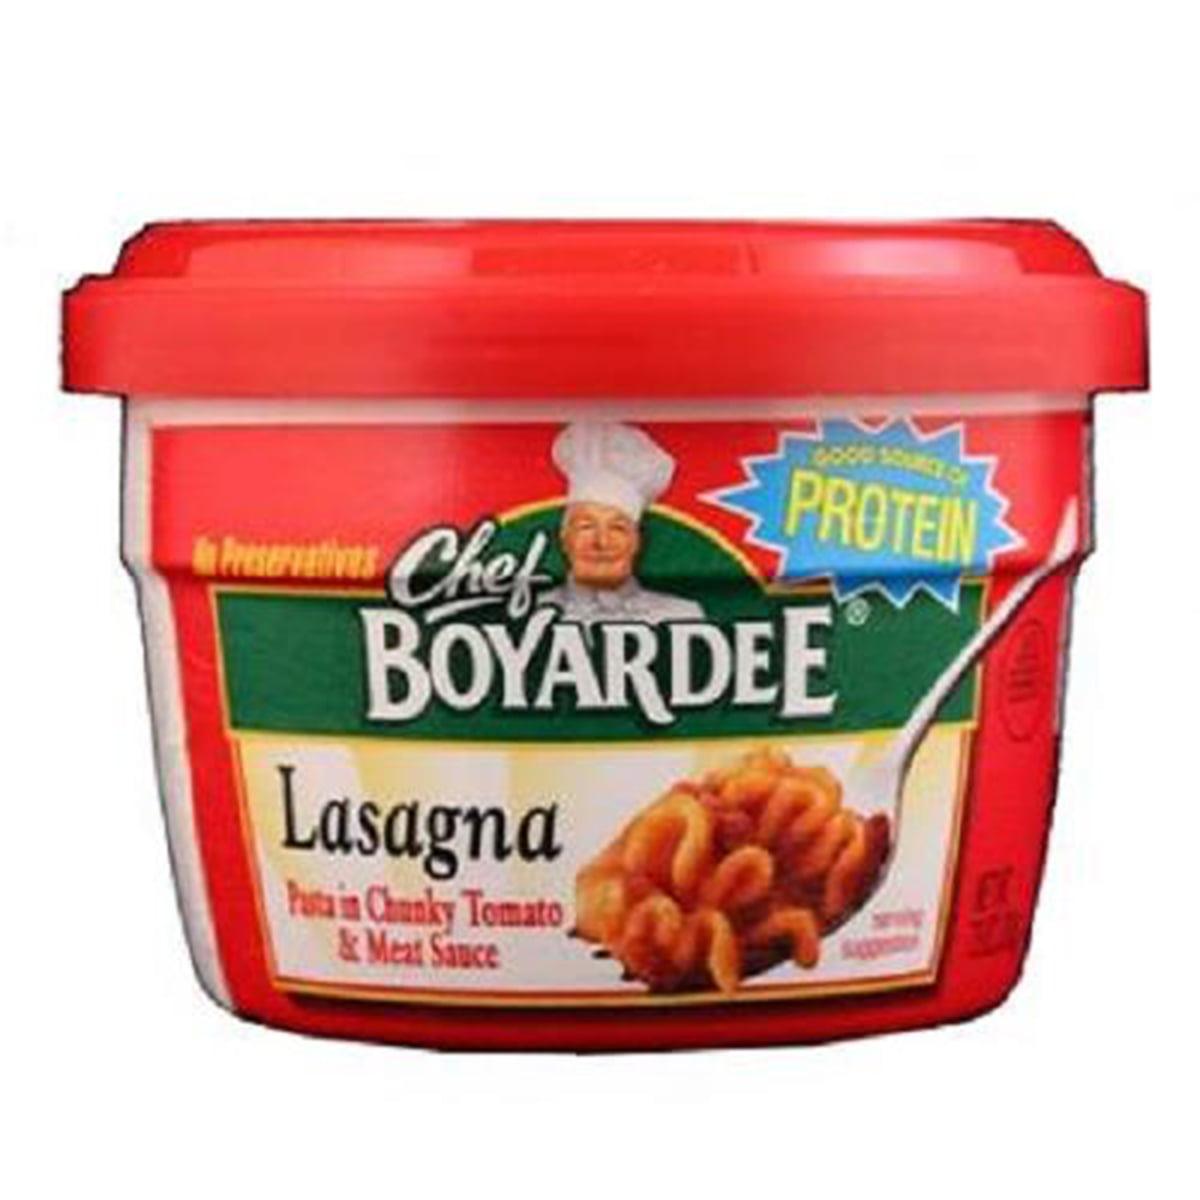 Chef Boyardee Bowl Lasagna 7.5 Oz 1 count only by Conagra Foods Sales